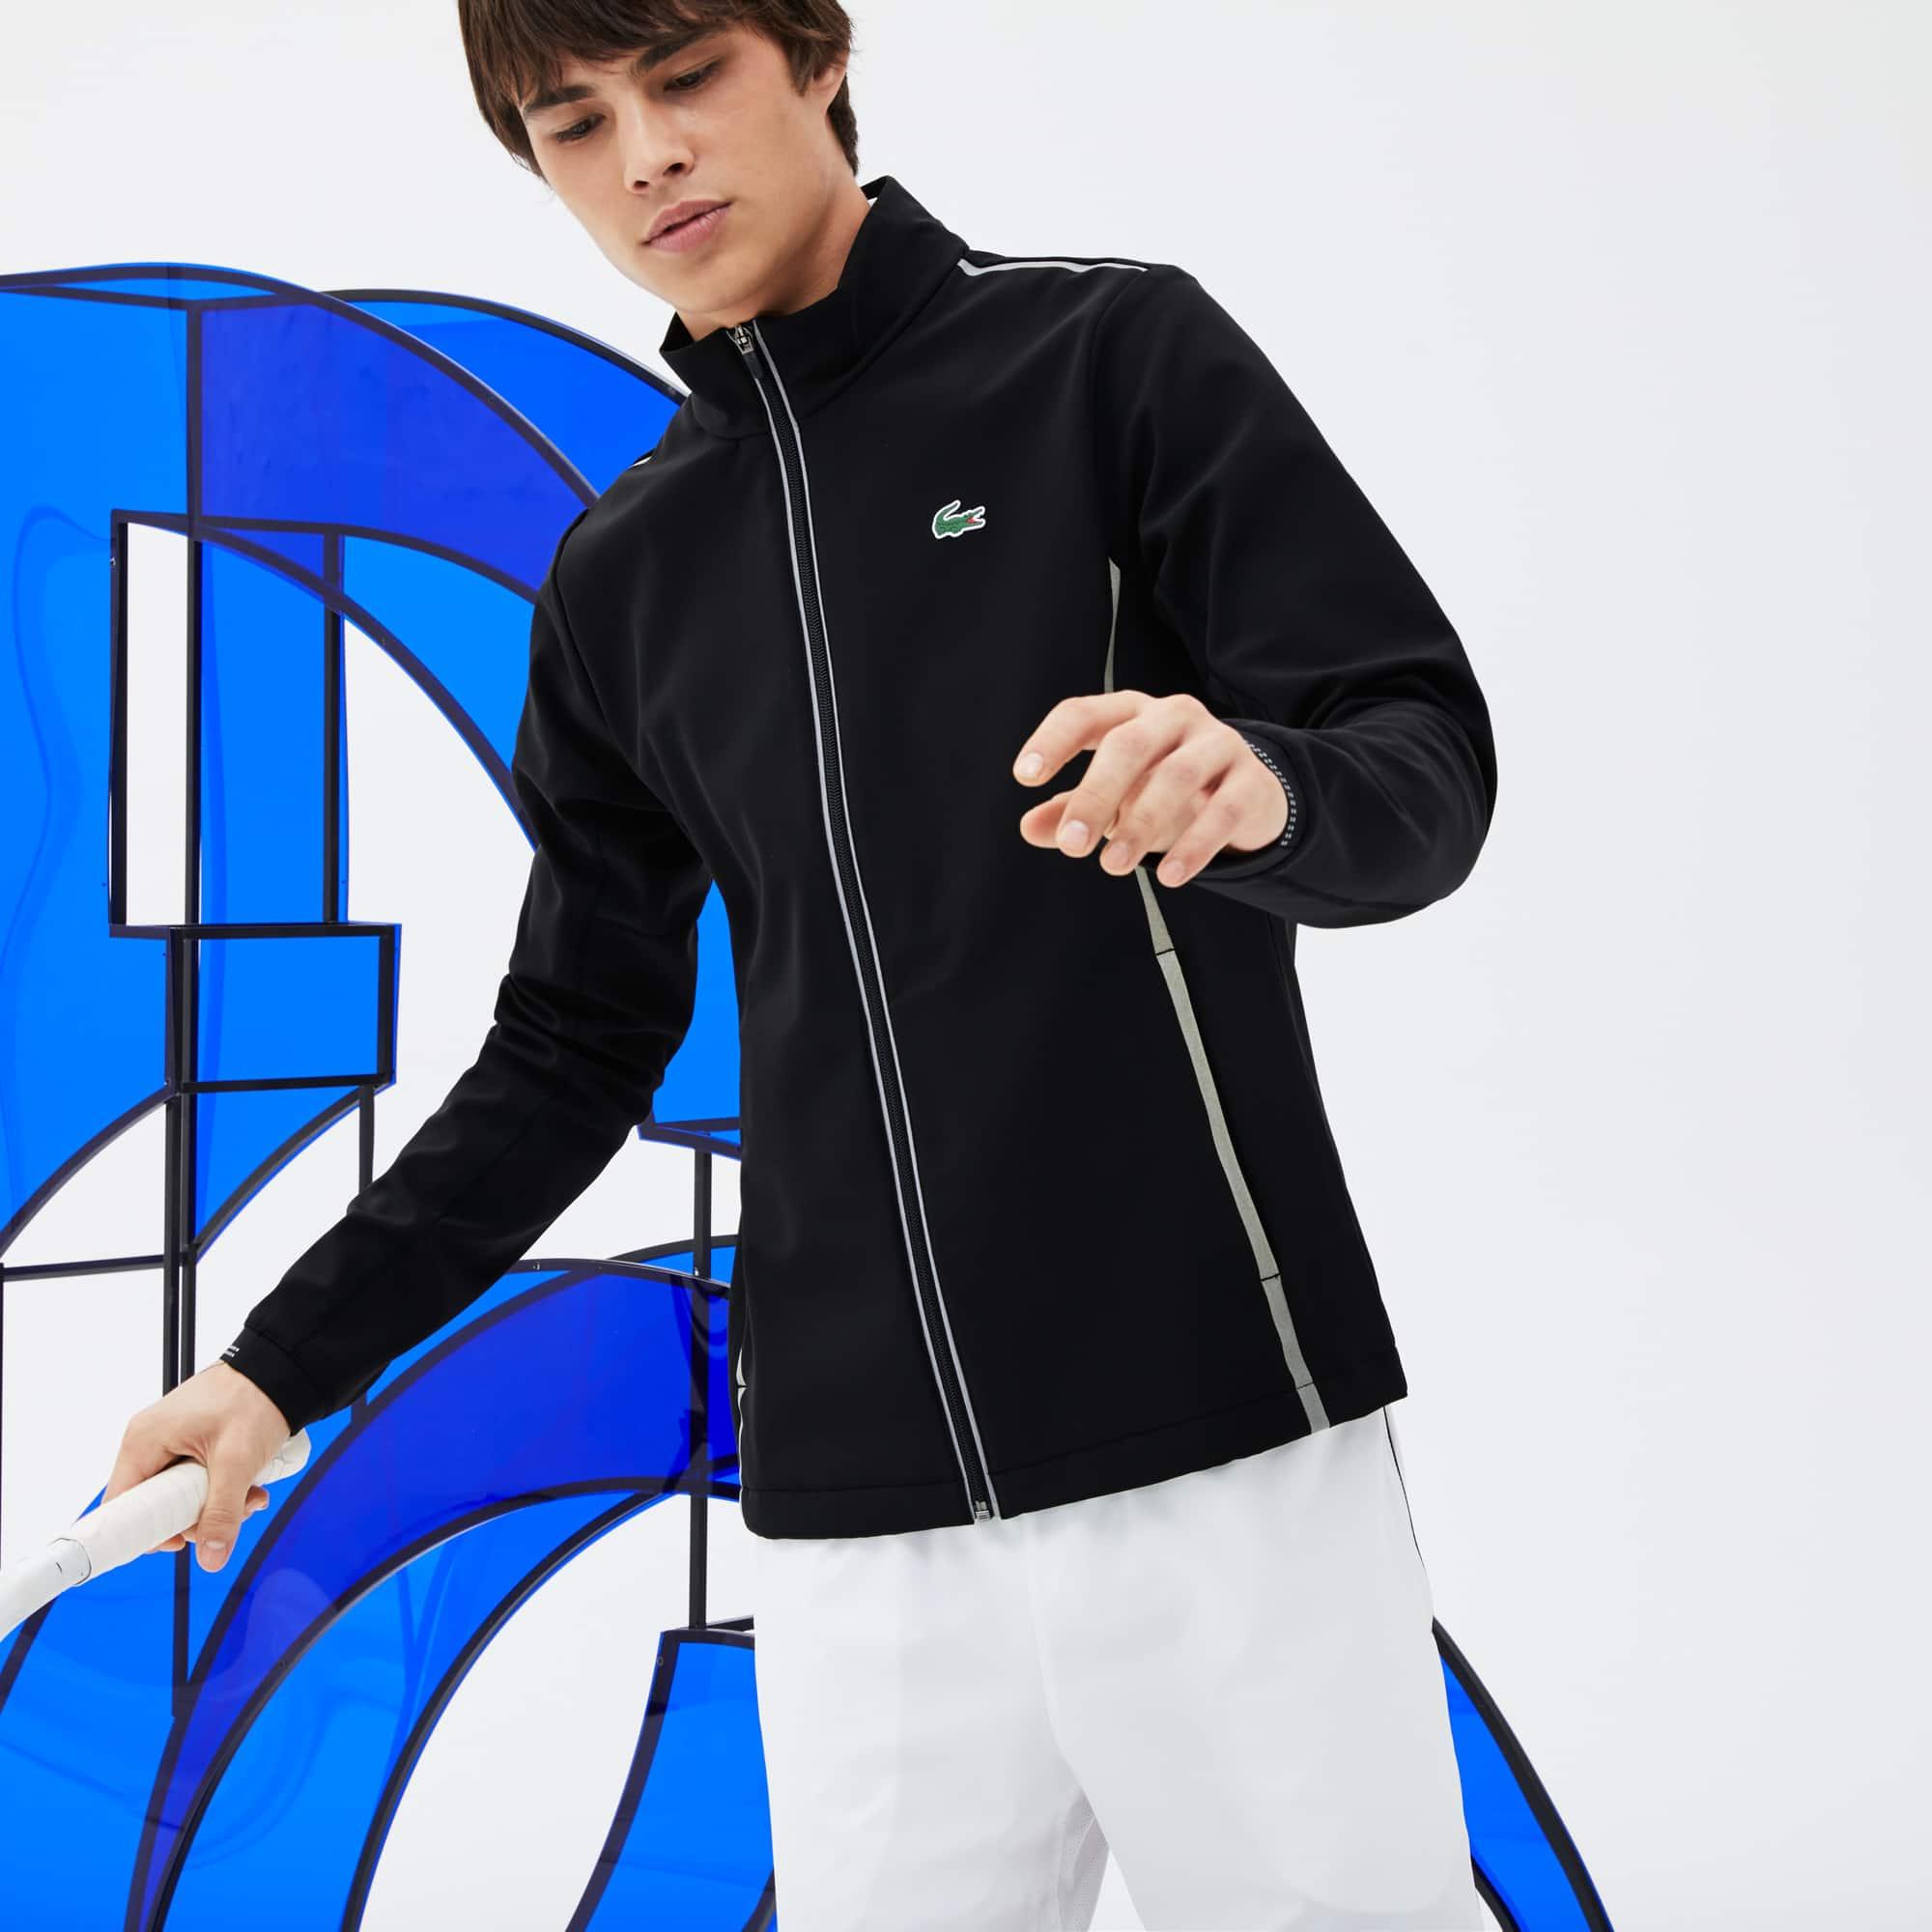 Men's Lacoste SPORT Technical Midlayer Zip Sweatshirt - Novak Djokovic Supporter Collection